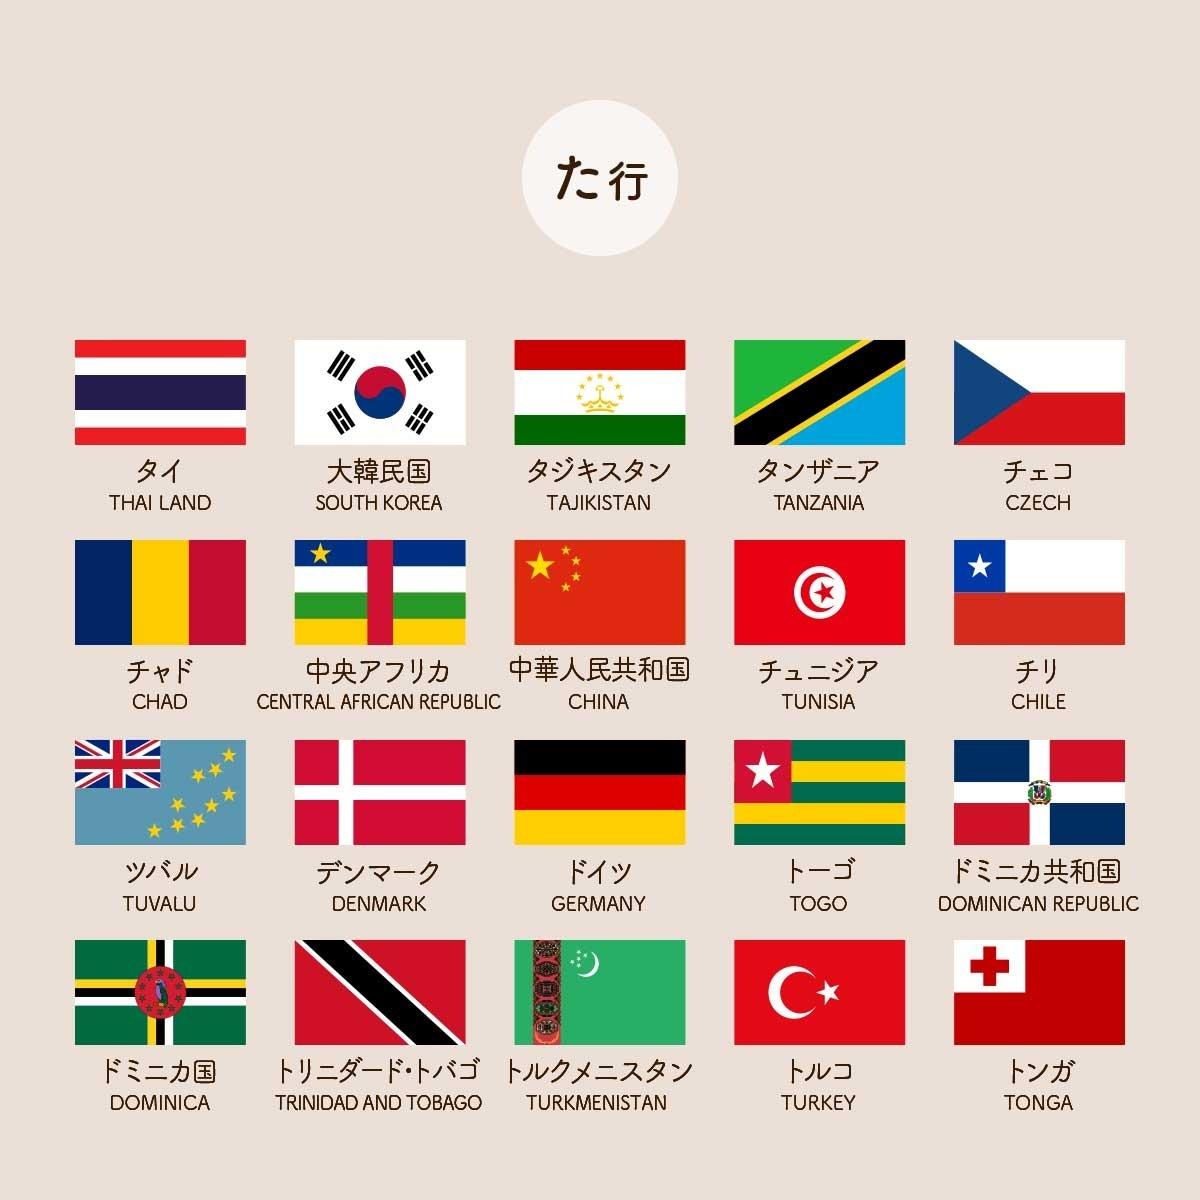 た行の国旗一覧 / タイ THAI LAND / 大韓民国 SOUTH KOREA / タジキスタン TAJIKISTAN / タンザニア TANZANIA / チェコ CZECH / チャド CHAD / 中央アフリカ CENTRAL AFRICAN REPUBLIC / 中華人民共和国 CHINA / チュニジア TUNISIA / チリ CHILE / ツバル TUVALU / デンマーク DENMARK / ドイツ GERMANY / トーゴ TOGO / ドミニカ共和国 DOMINICAN RE